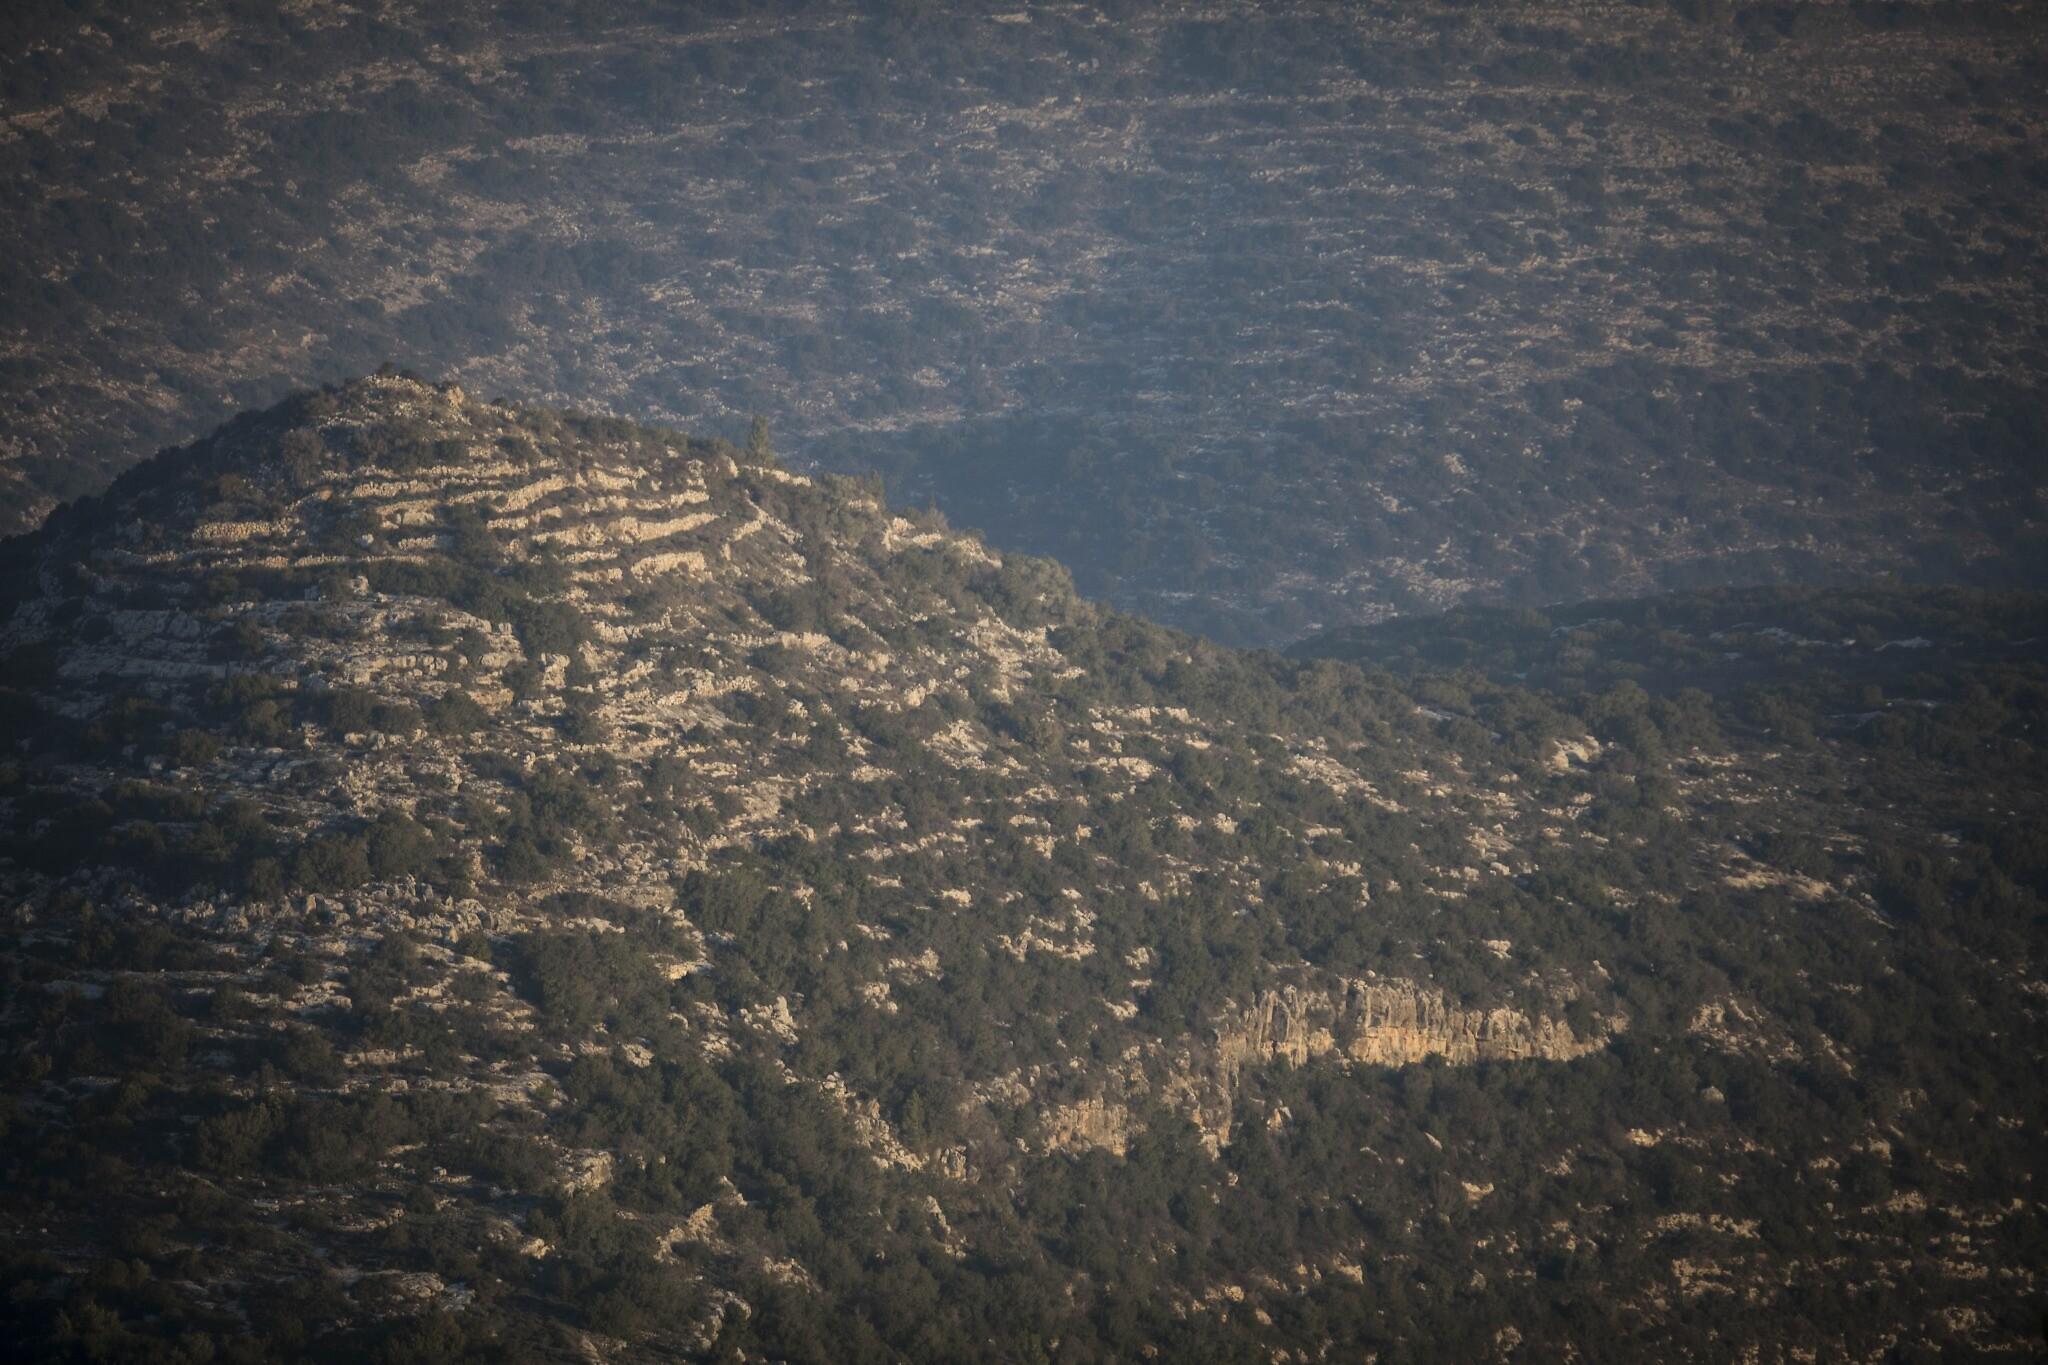 Une vue des collines de Jérusalem depuis Ein Kerem, le 22 janvier 2017 (Crédit : Nati Shohat/Flash90)